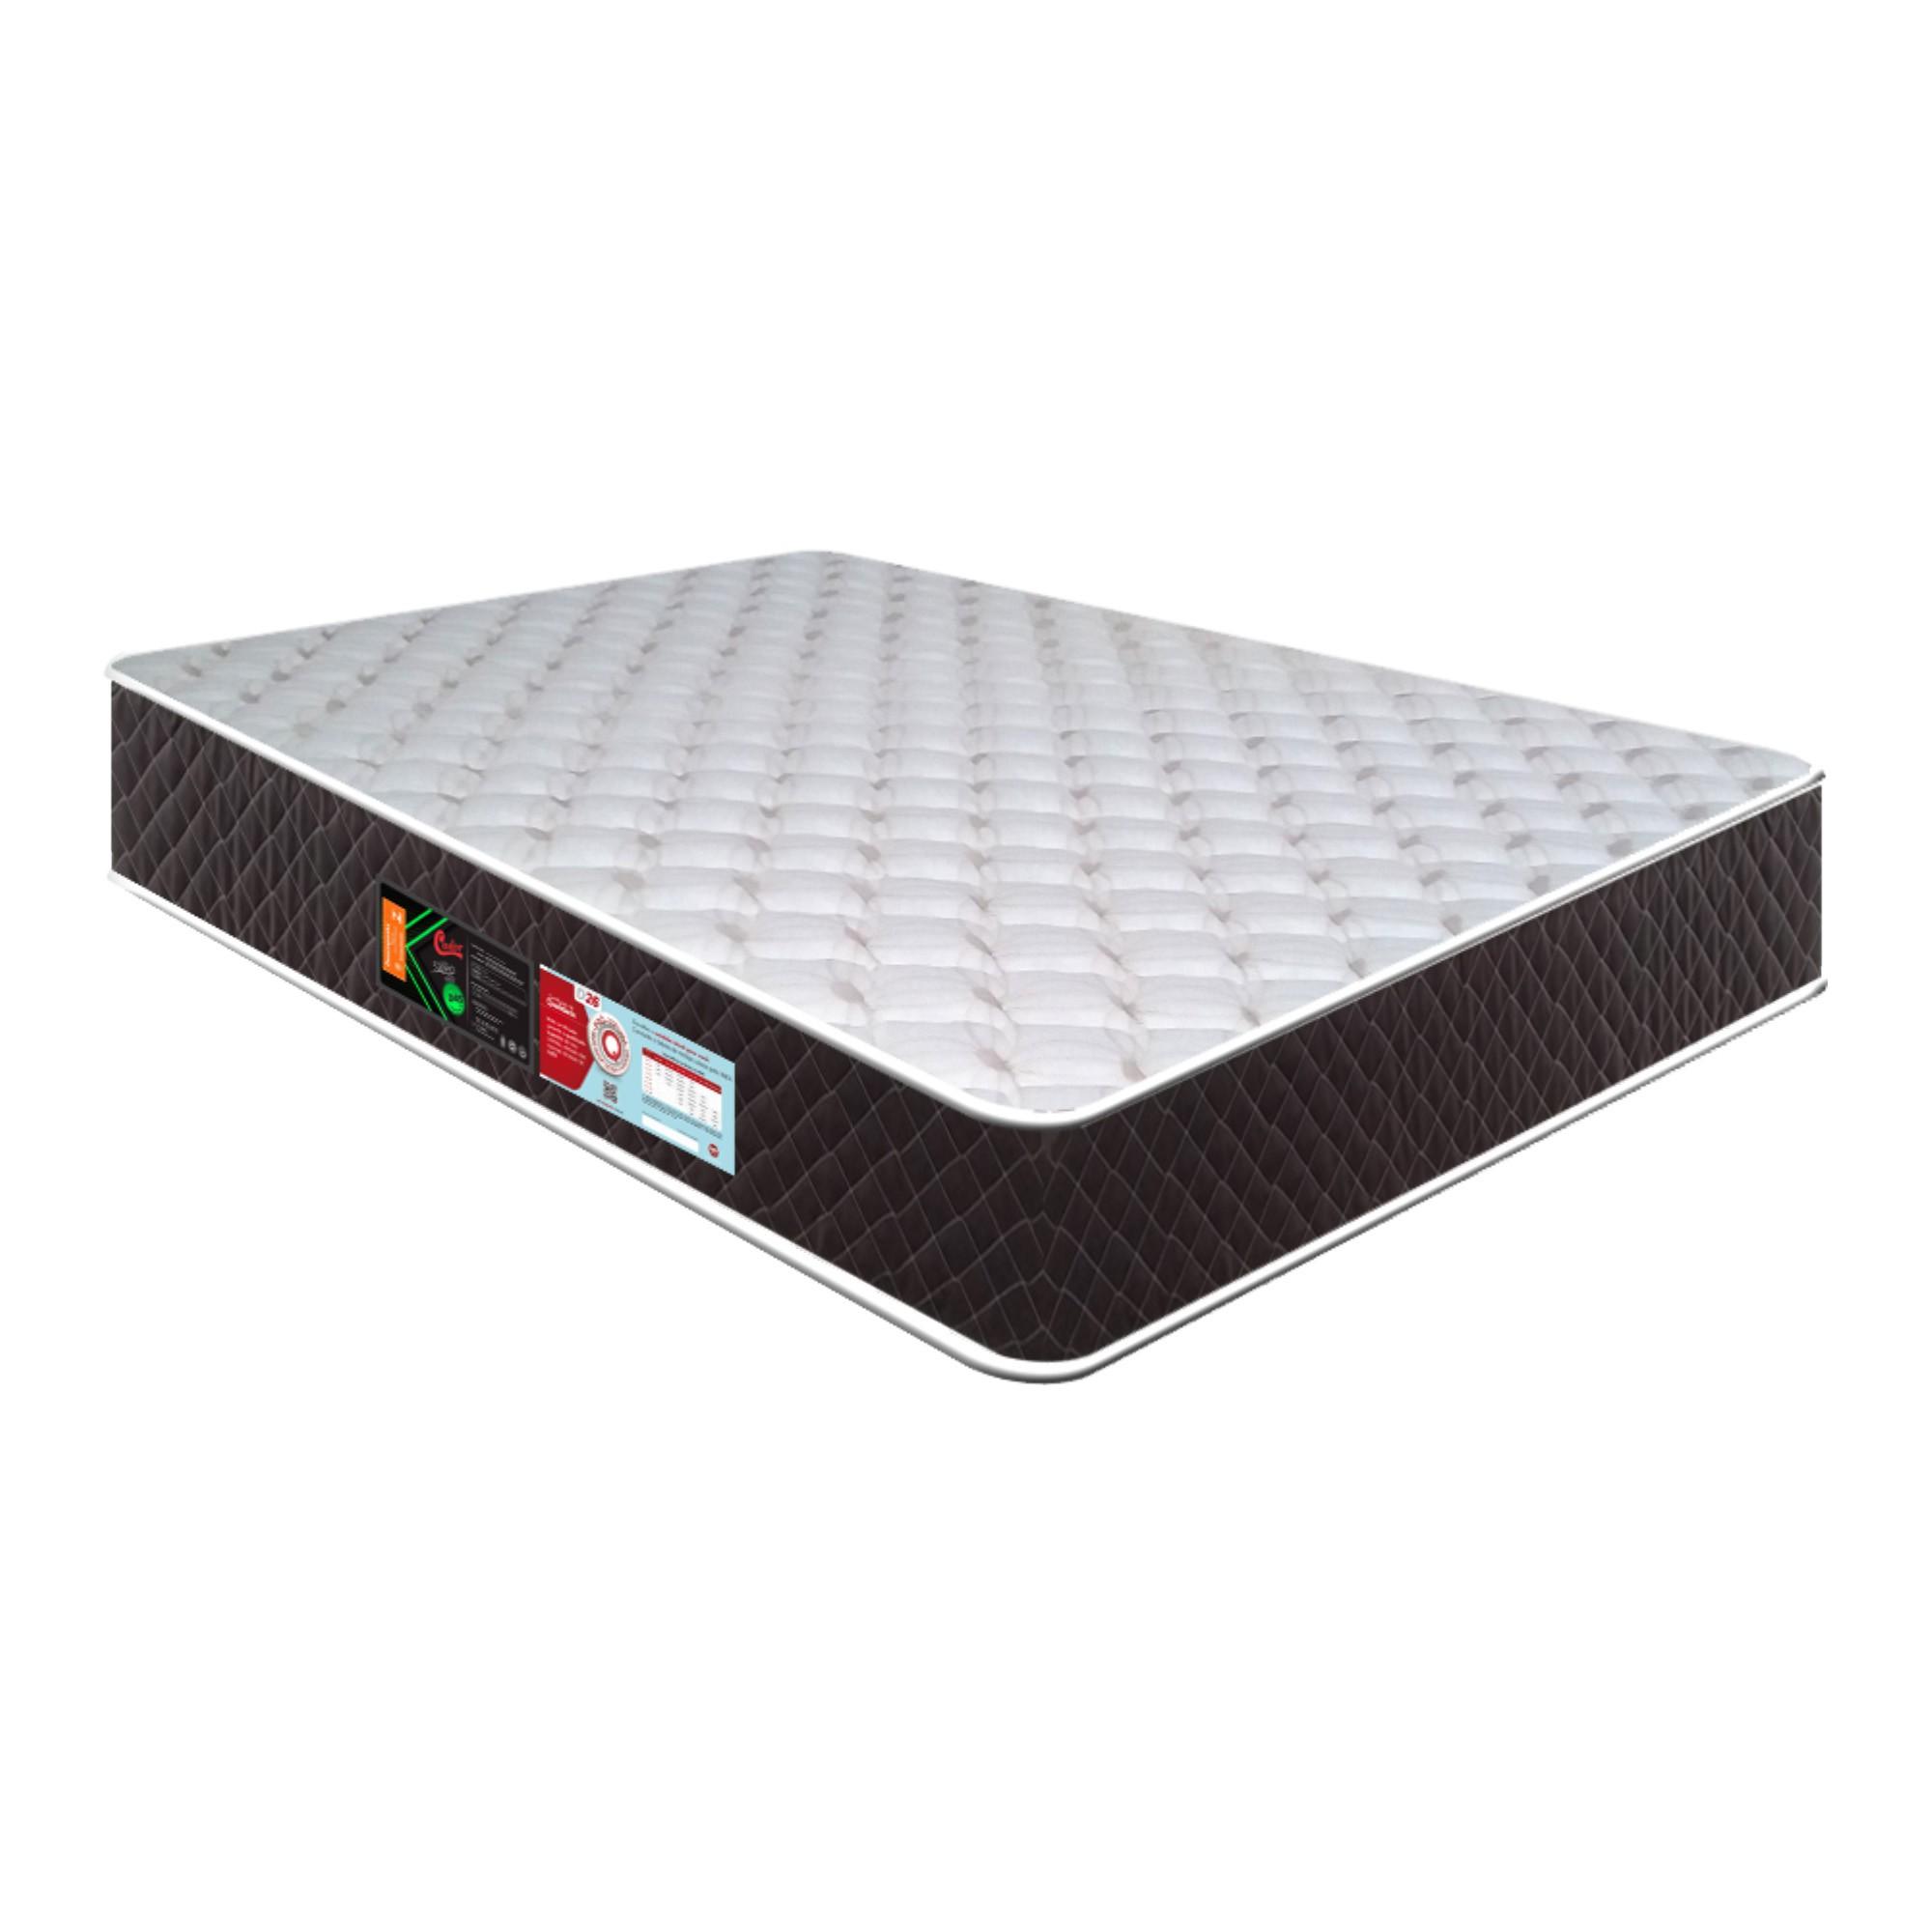 Colchão Castor Sleep Max D28 25 cm [Solteiro 088 x 188 cm]